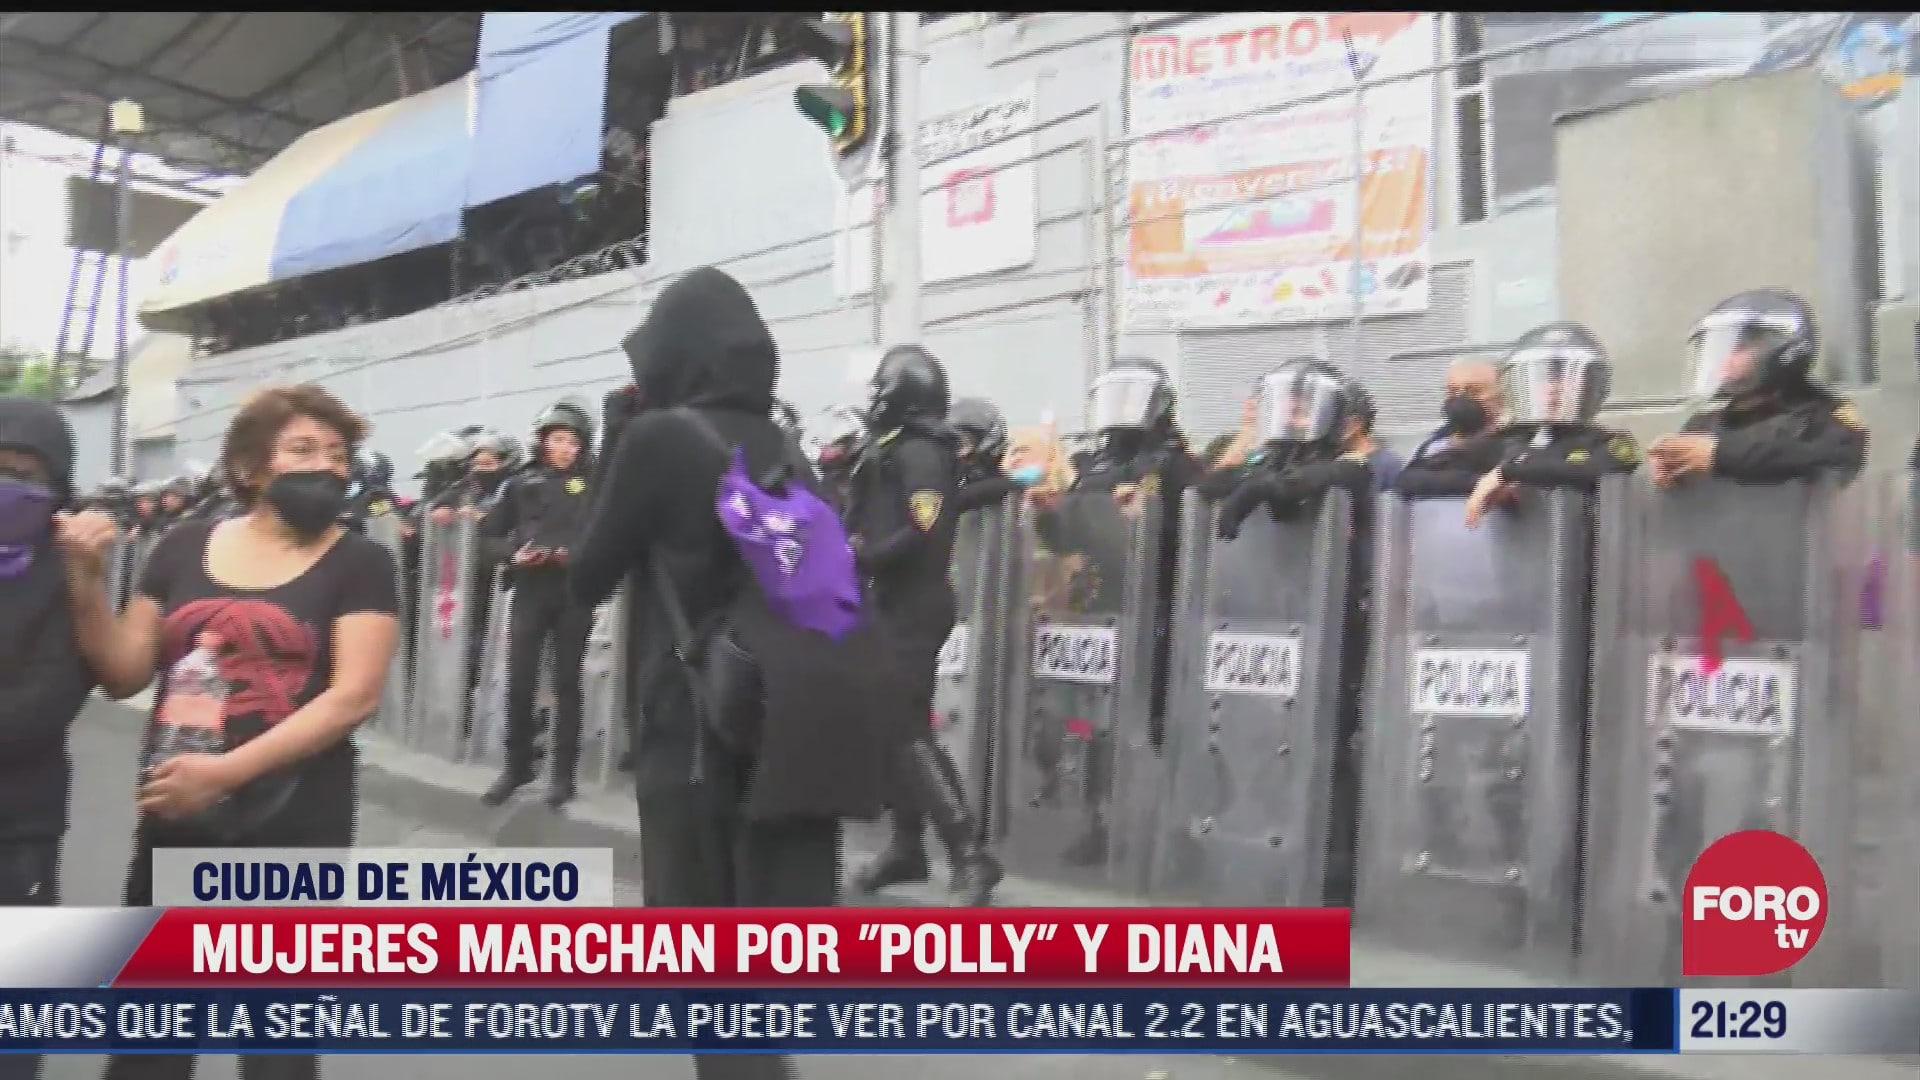 mujeres marchan por polly y diana en cdmx